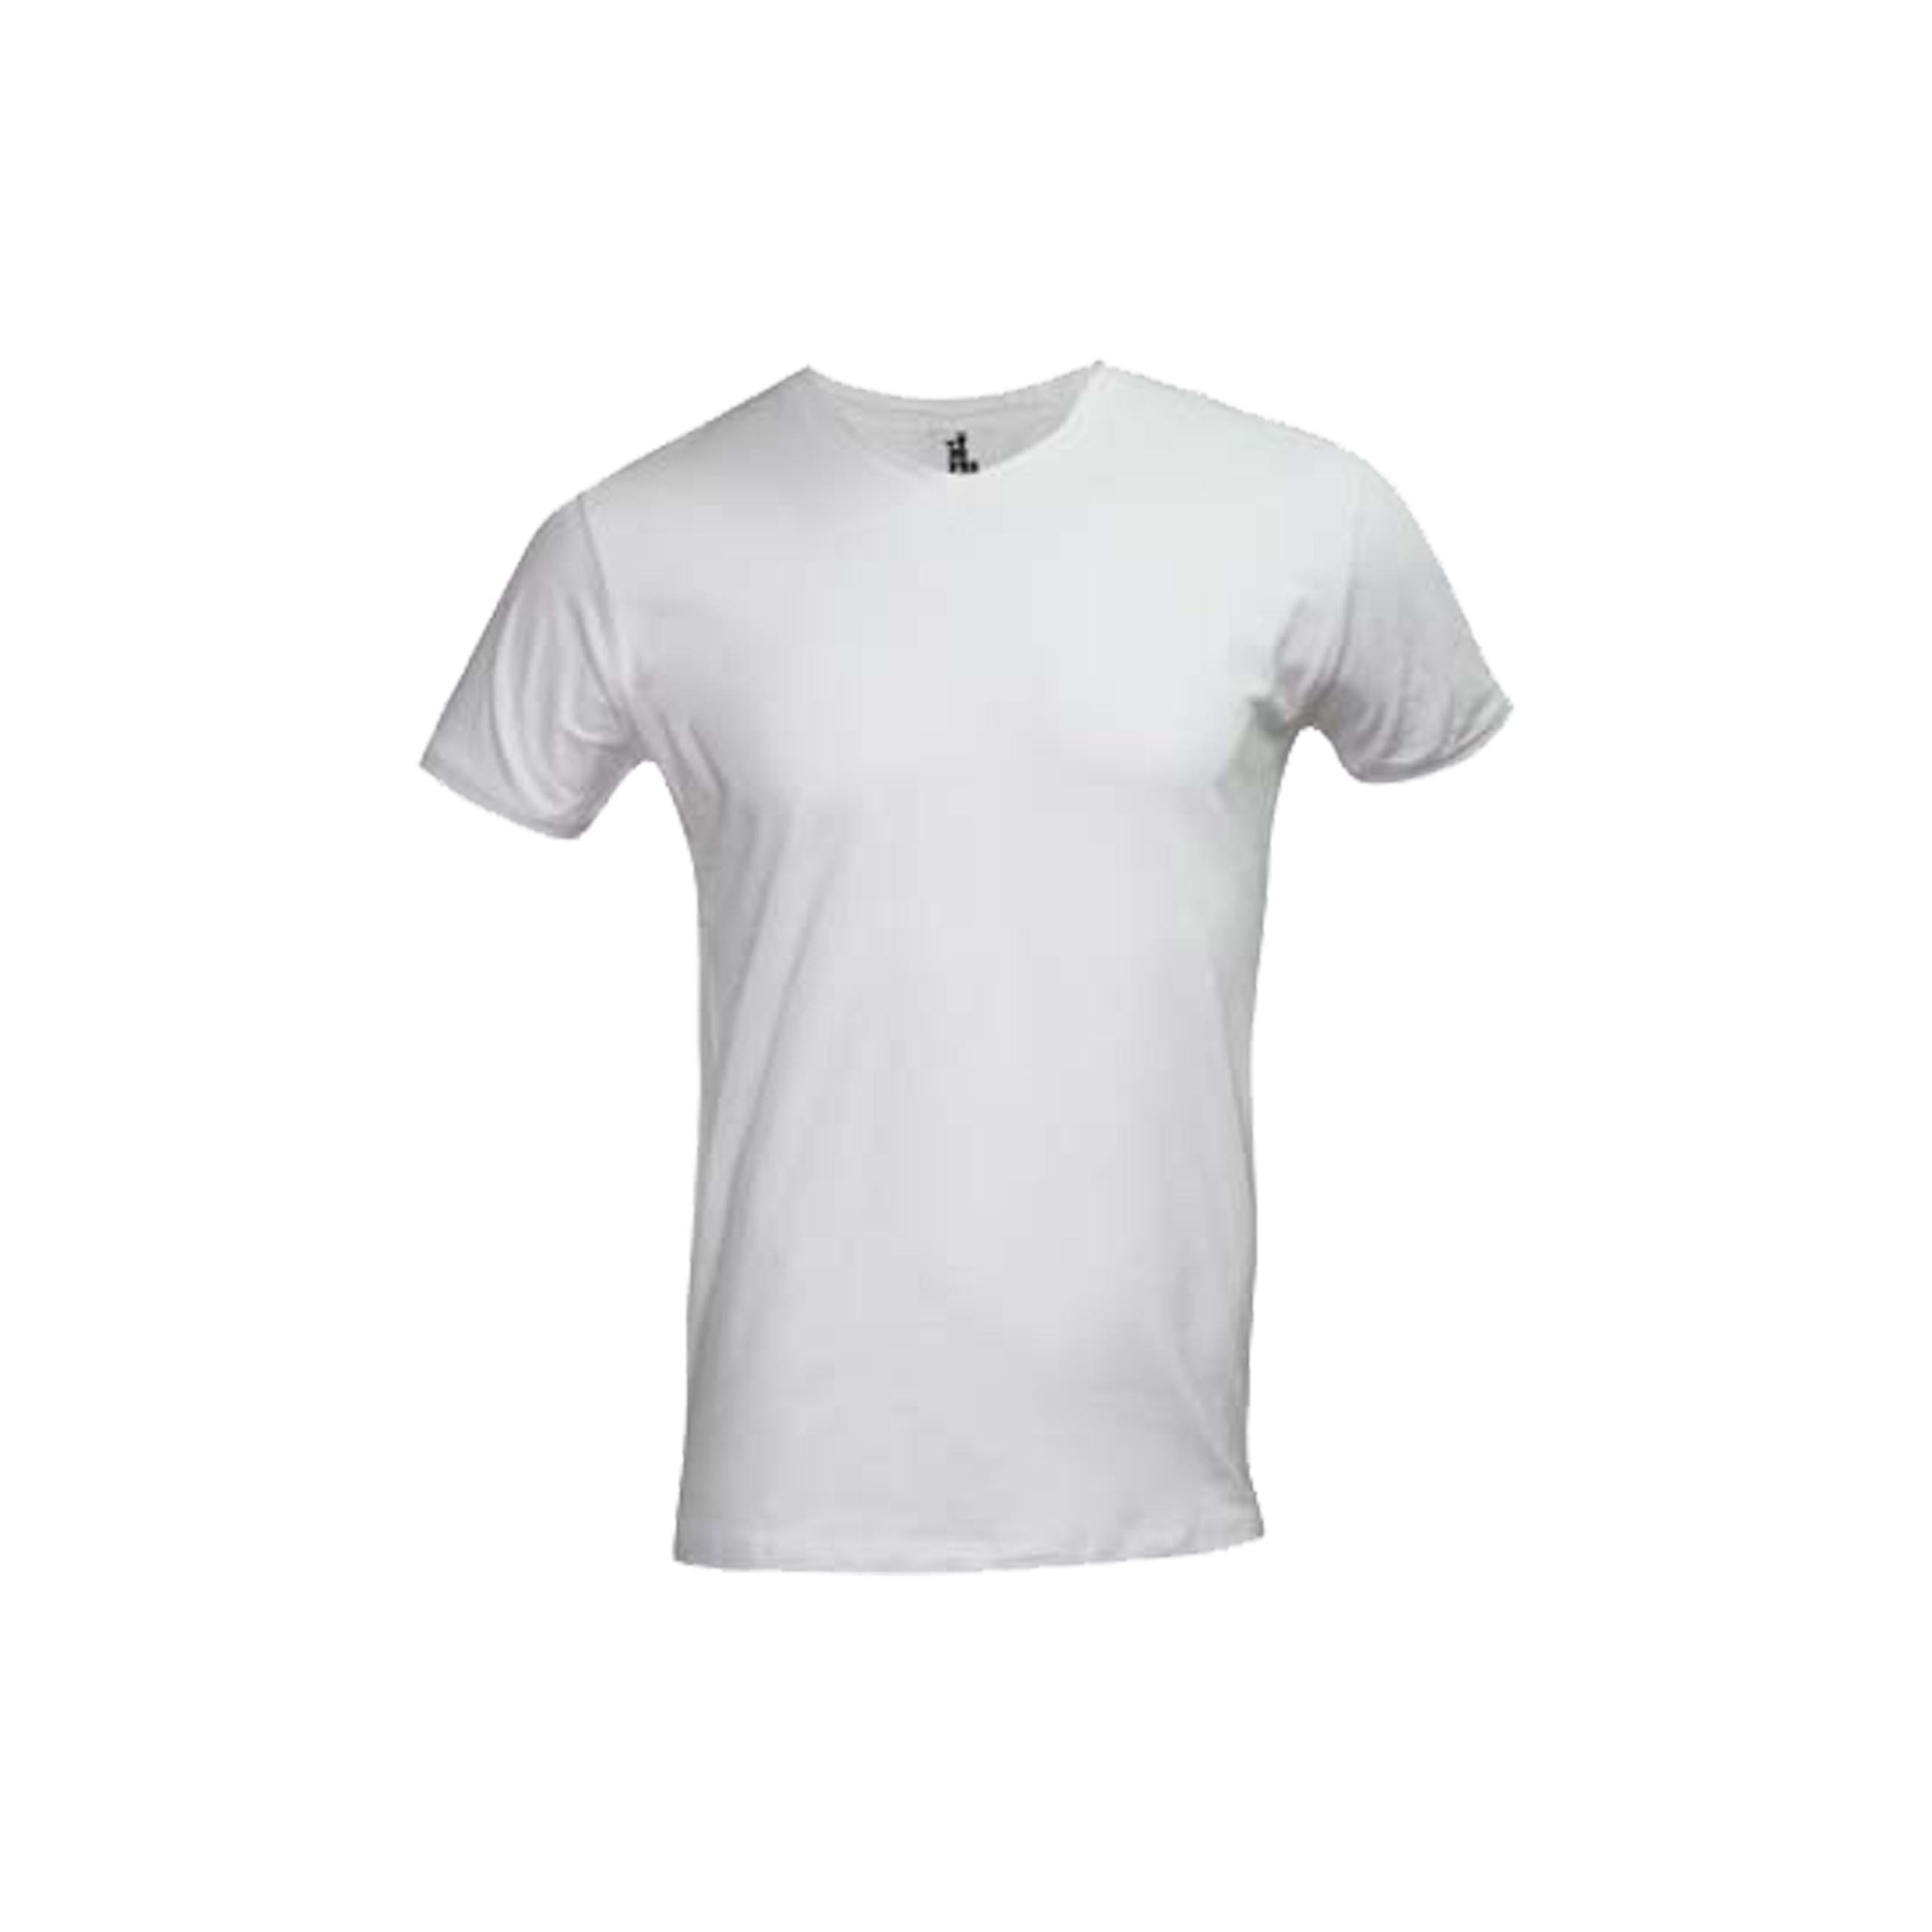 3 חולצות לייקרה גברים